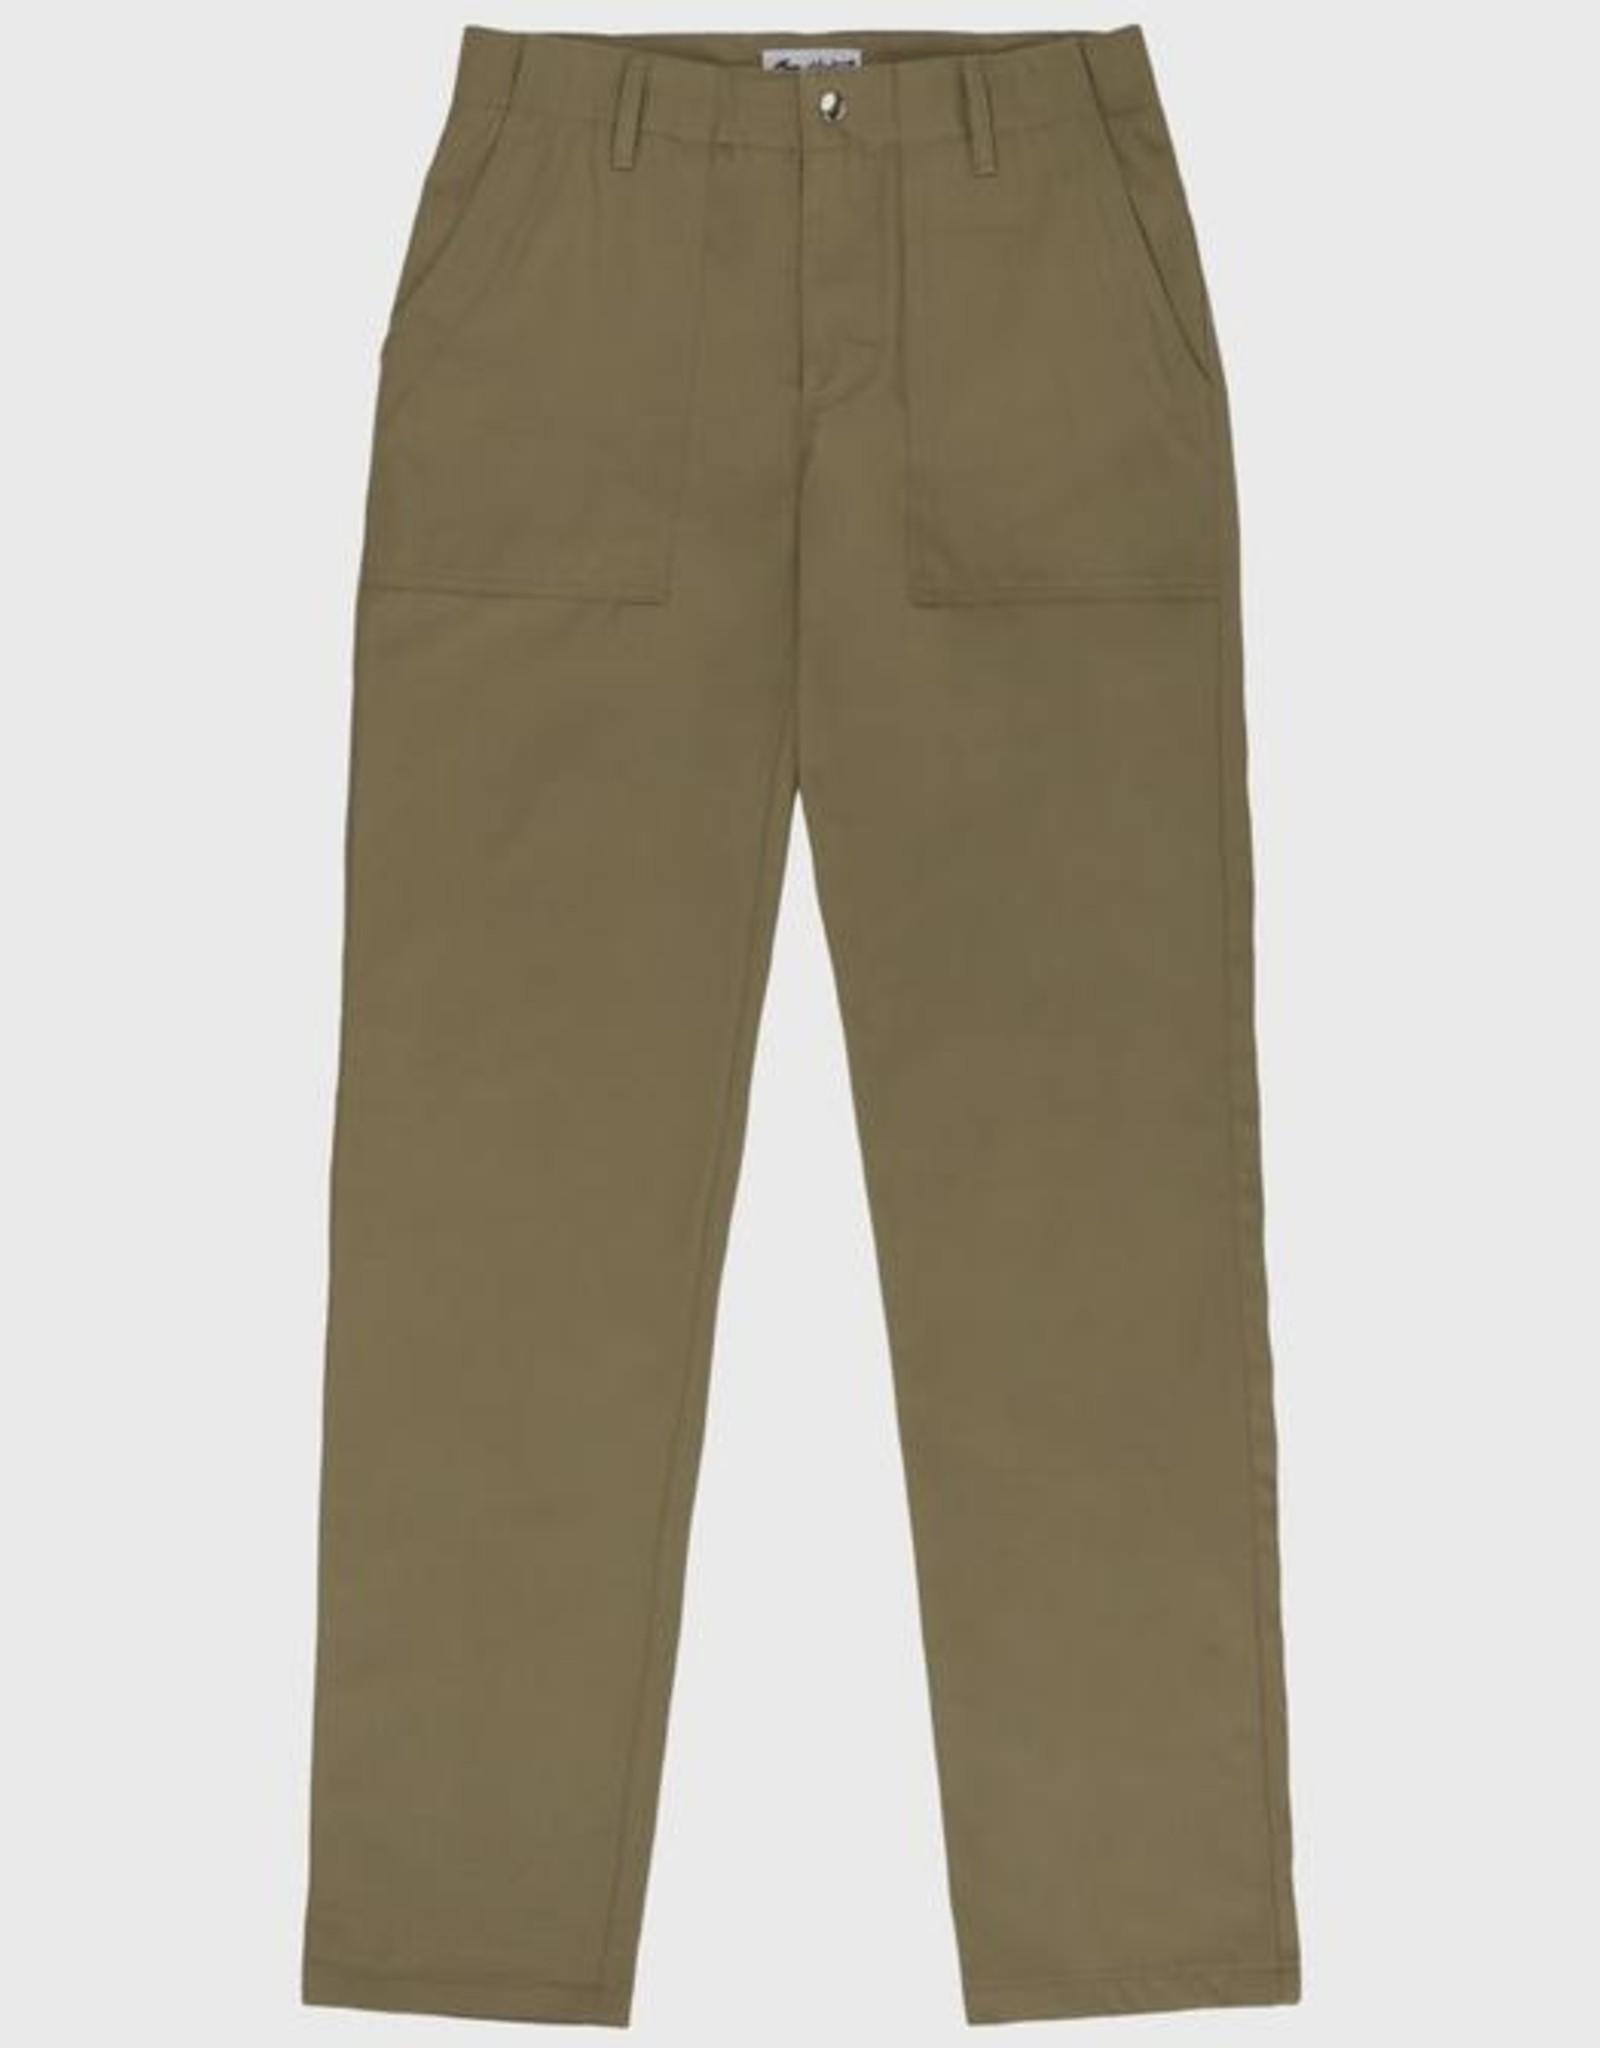 Bon Vivant - Pantalon Yvon